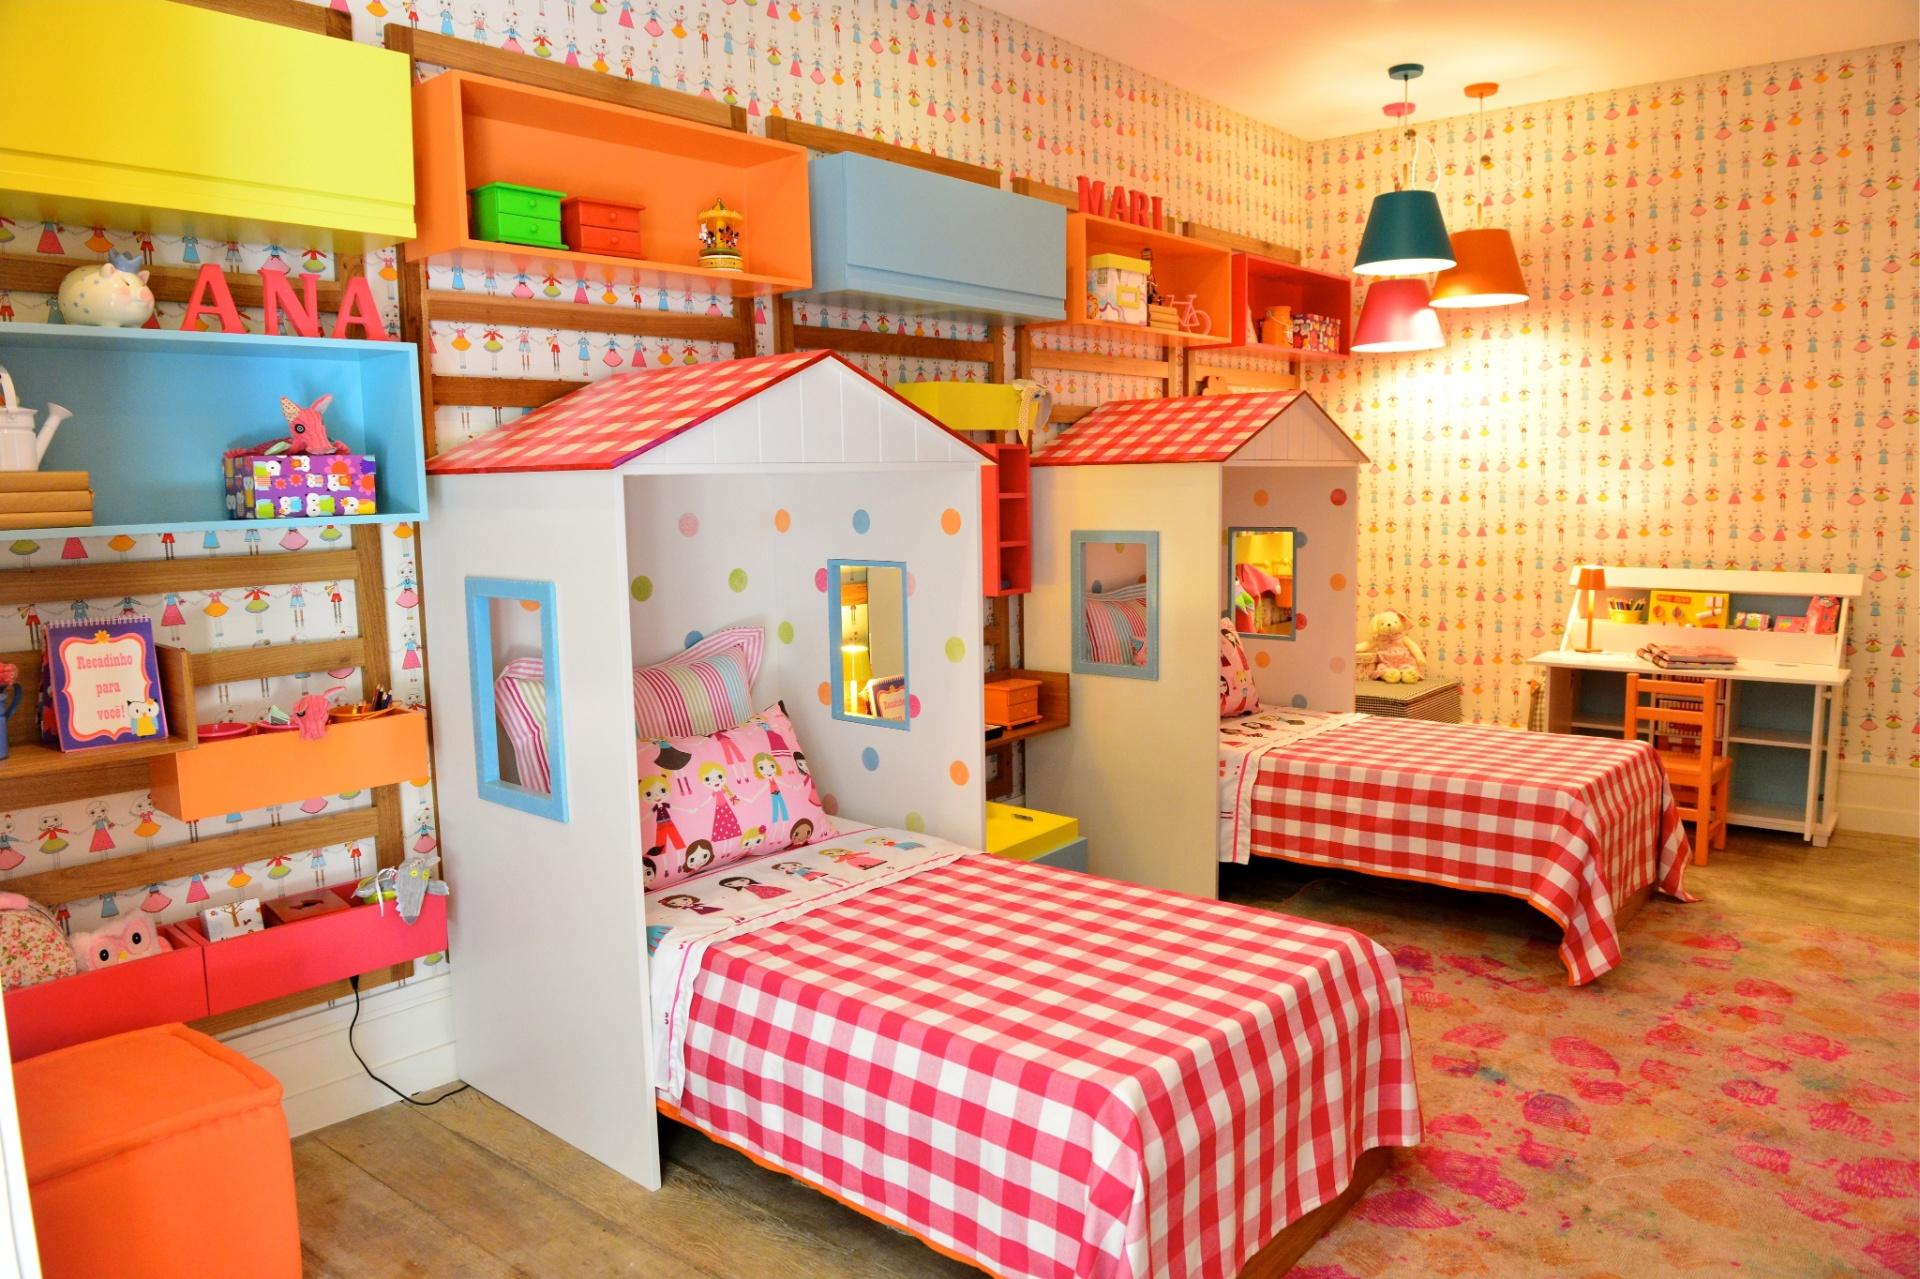 Desenvolvido pelos arquitetos Carmen Mansor, Fernando Azevedo e Tiza Kann, este quarto com 17 m², para duas meninas em idade escolar, é puro estímulo. A intenção foi aguçar os sentidos usando cores fortes e inventando essa brincadeira das camas em forma de cabanas, afirmam os profissionais. No ambiente, algumas áreas são compartilhadas como a escrivaninha e os nichos para brinquedos. O mobiliário é da Q&E Bebê; o papel de parede, da Orlean; e as luminárias coloridas, da Lumini